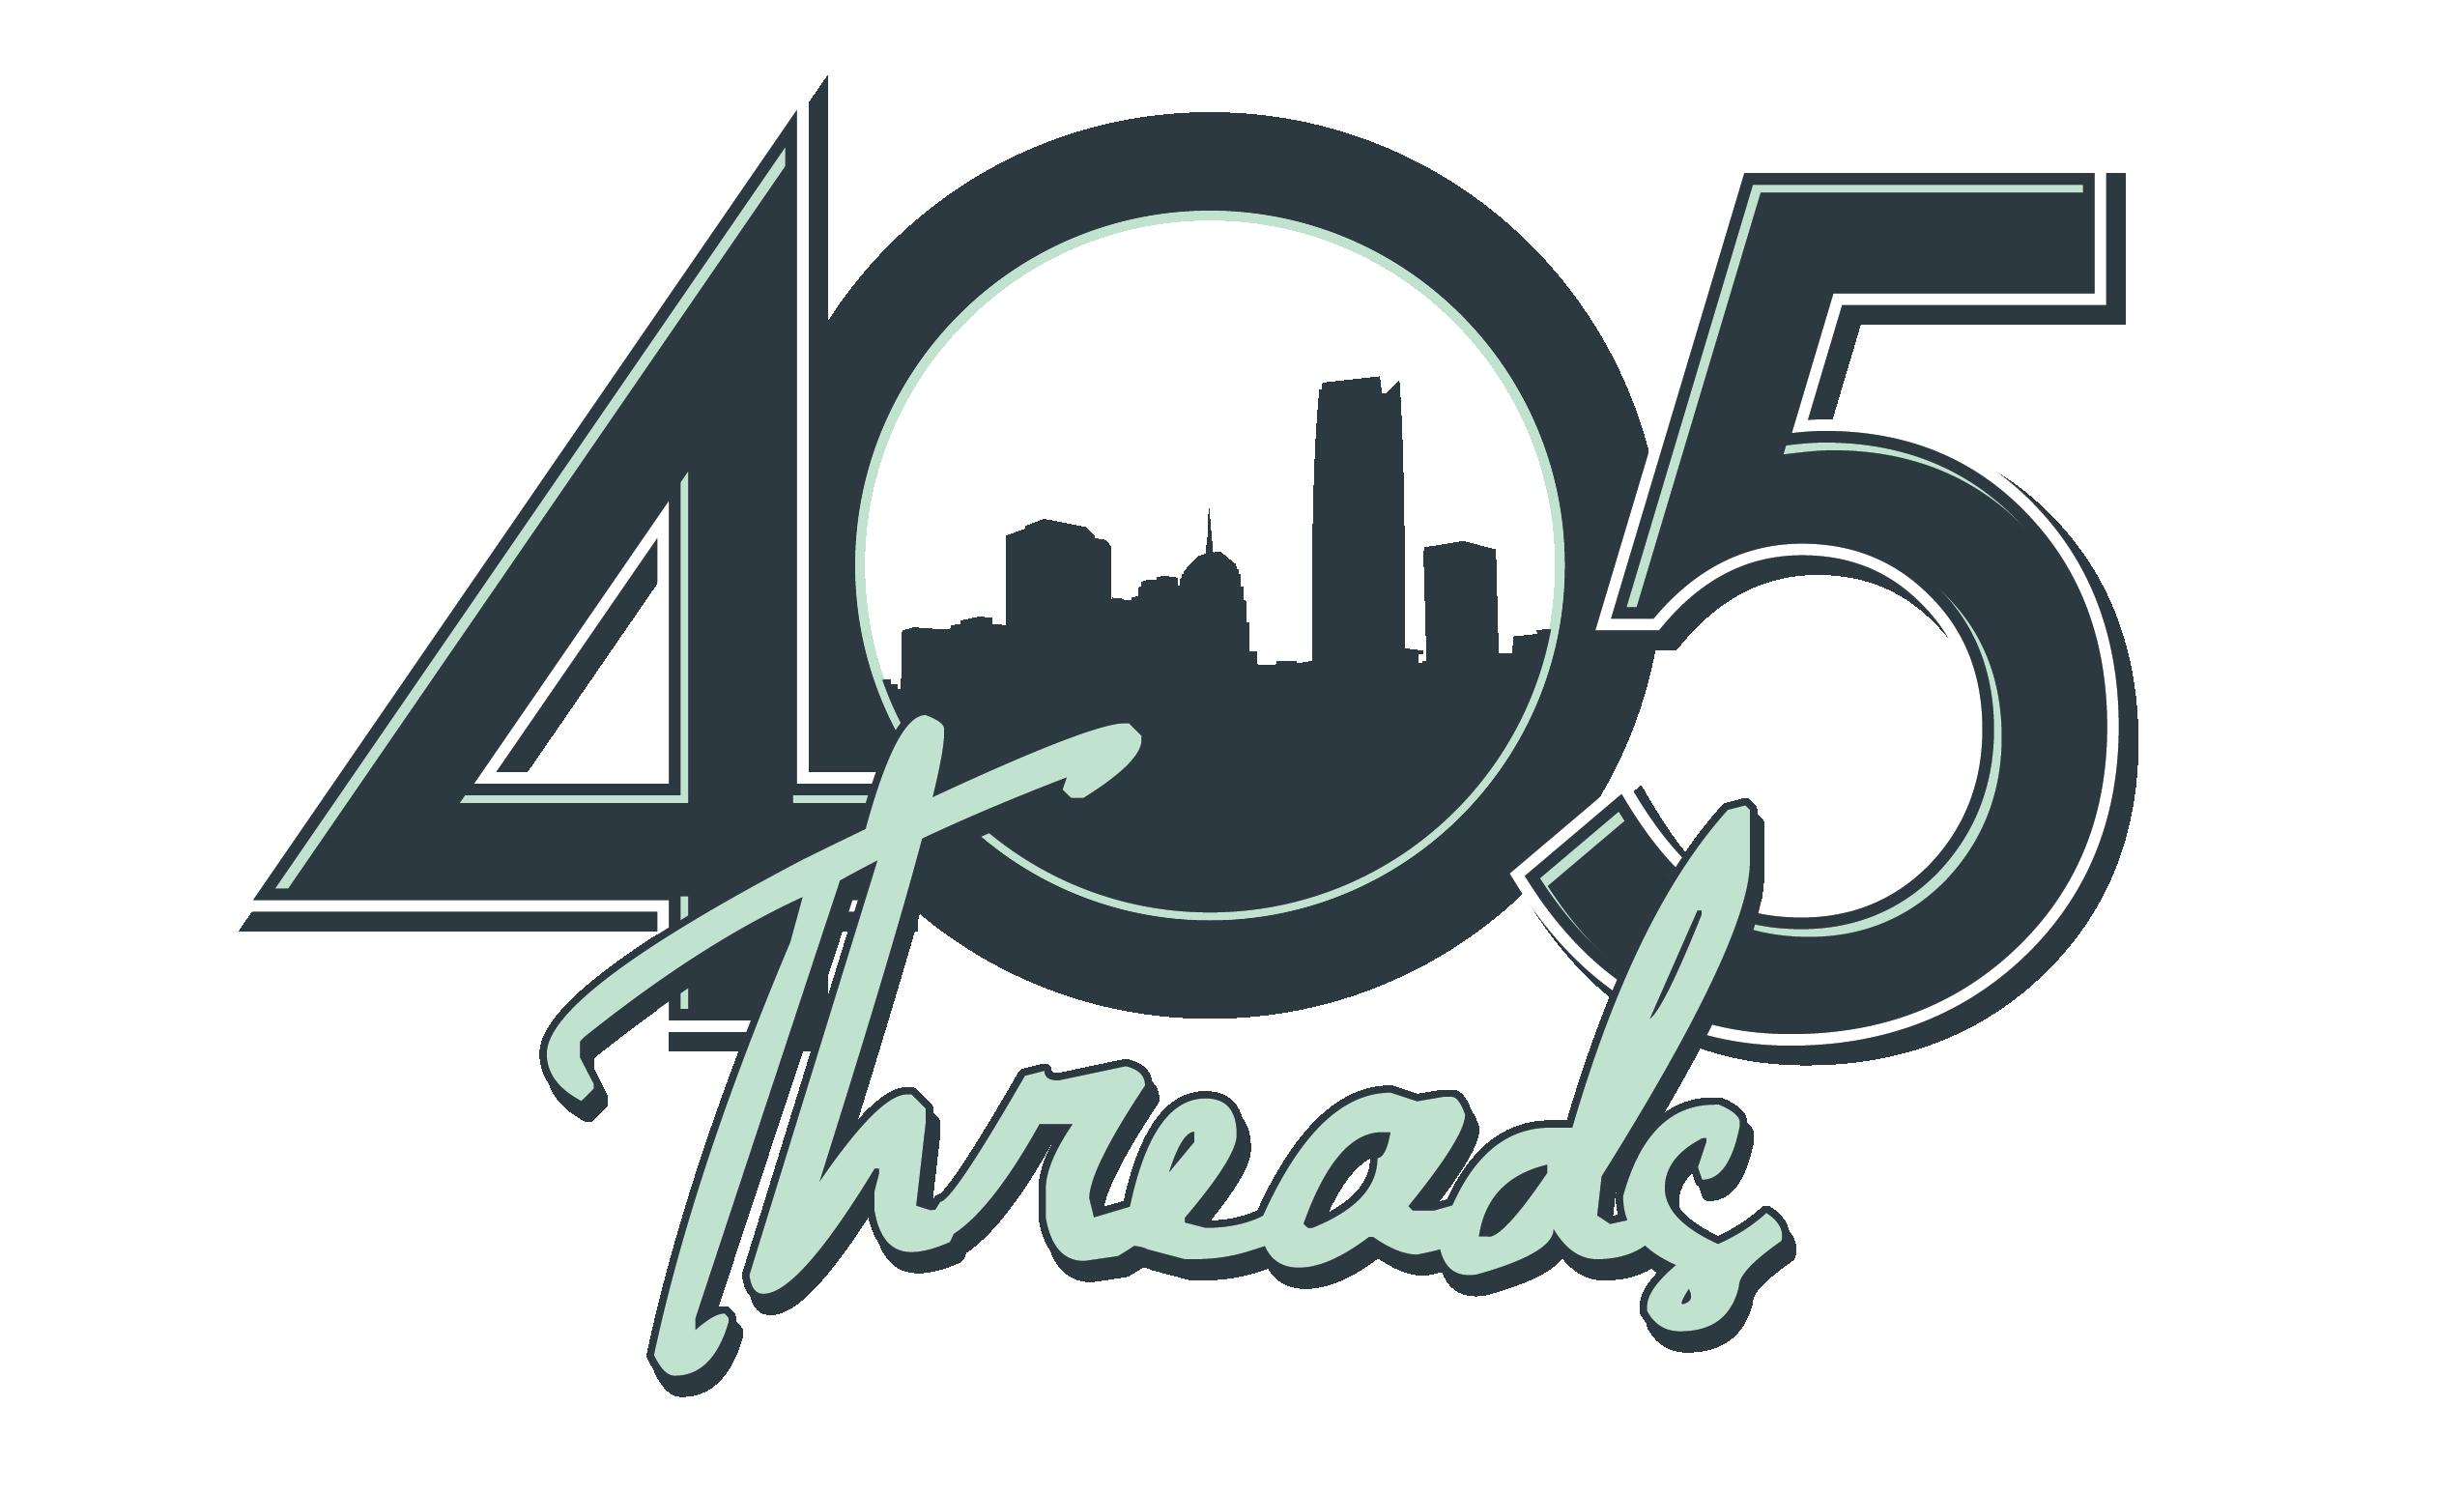 405 threads